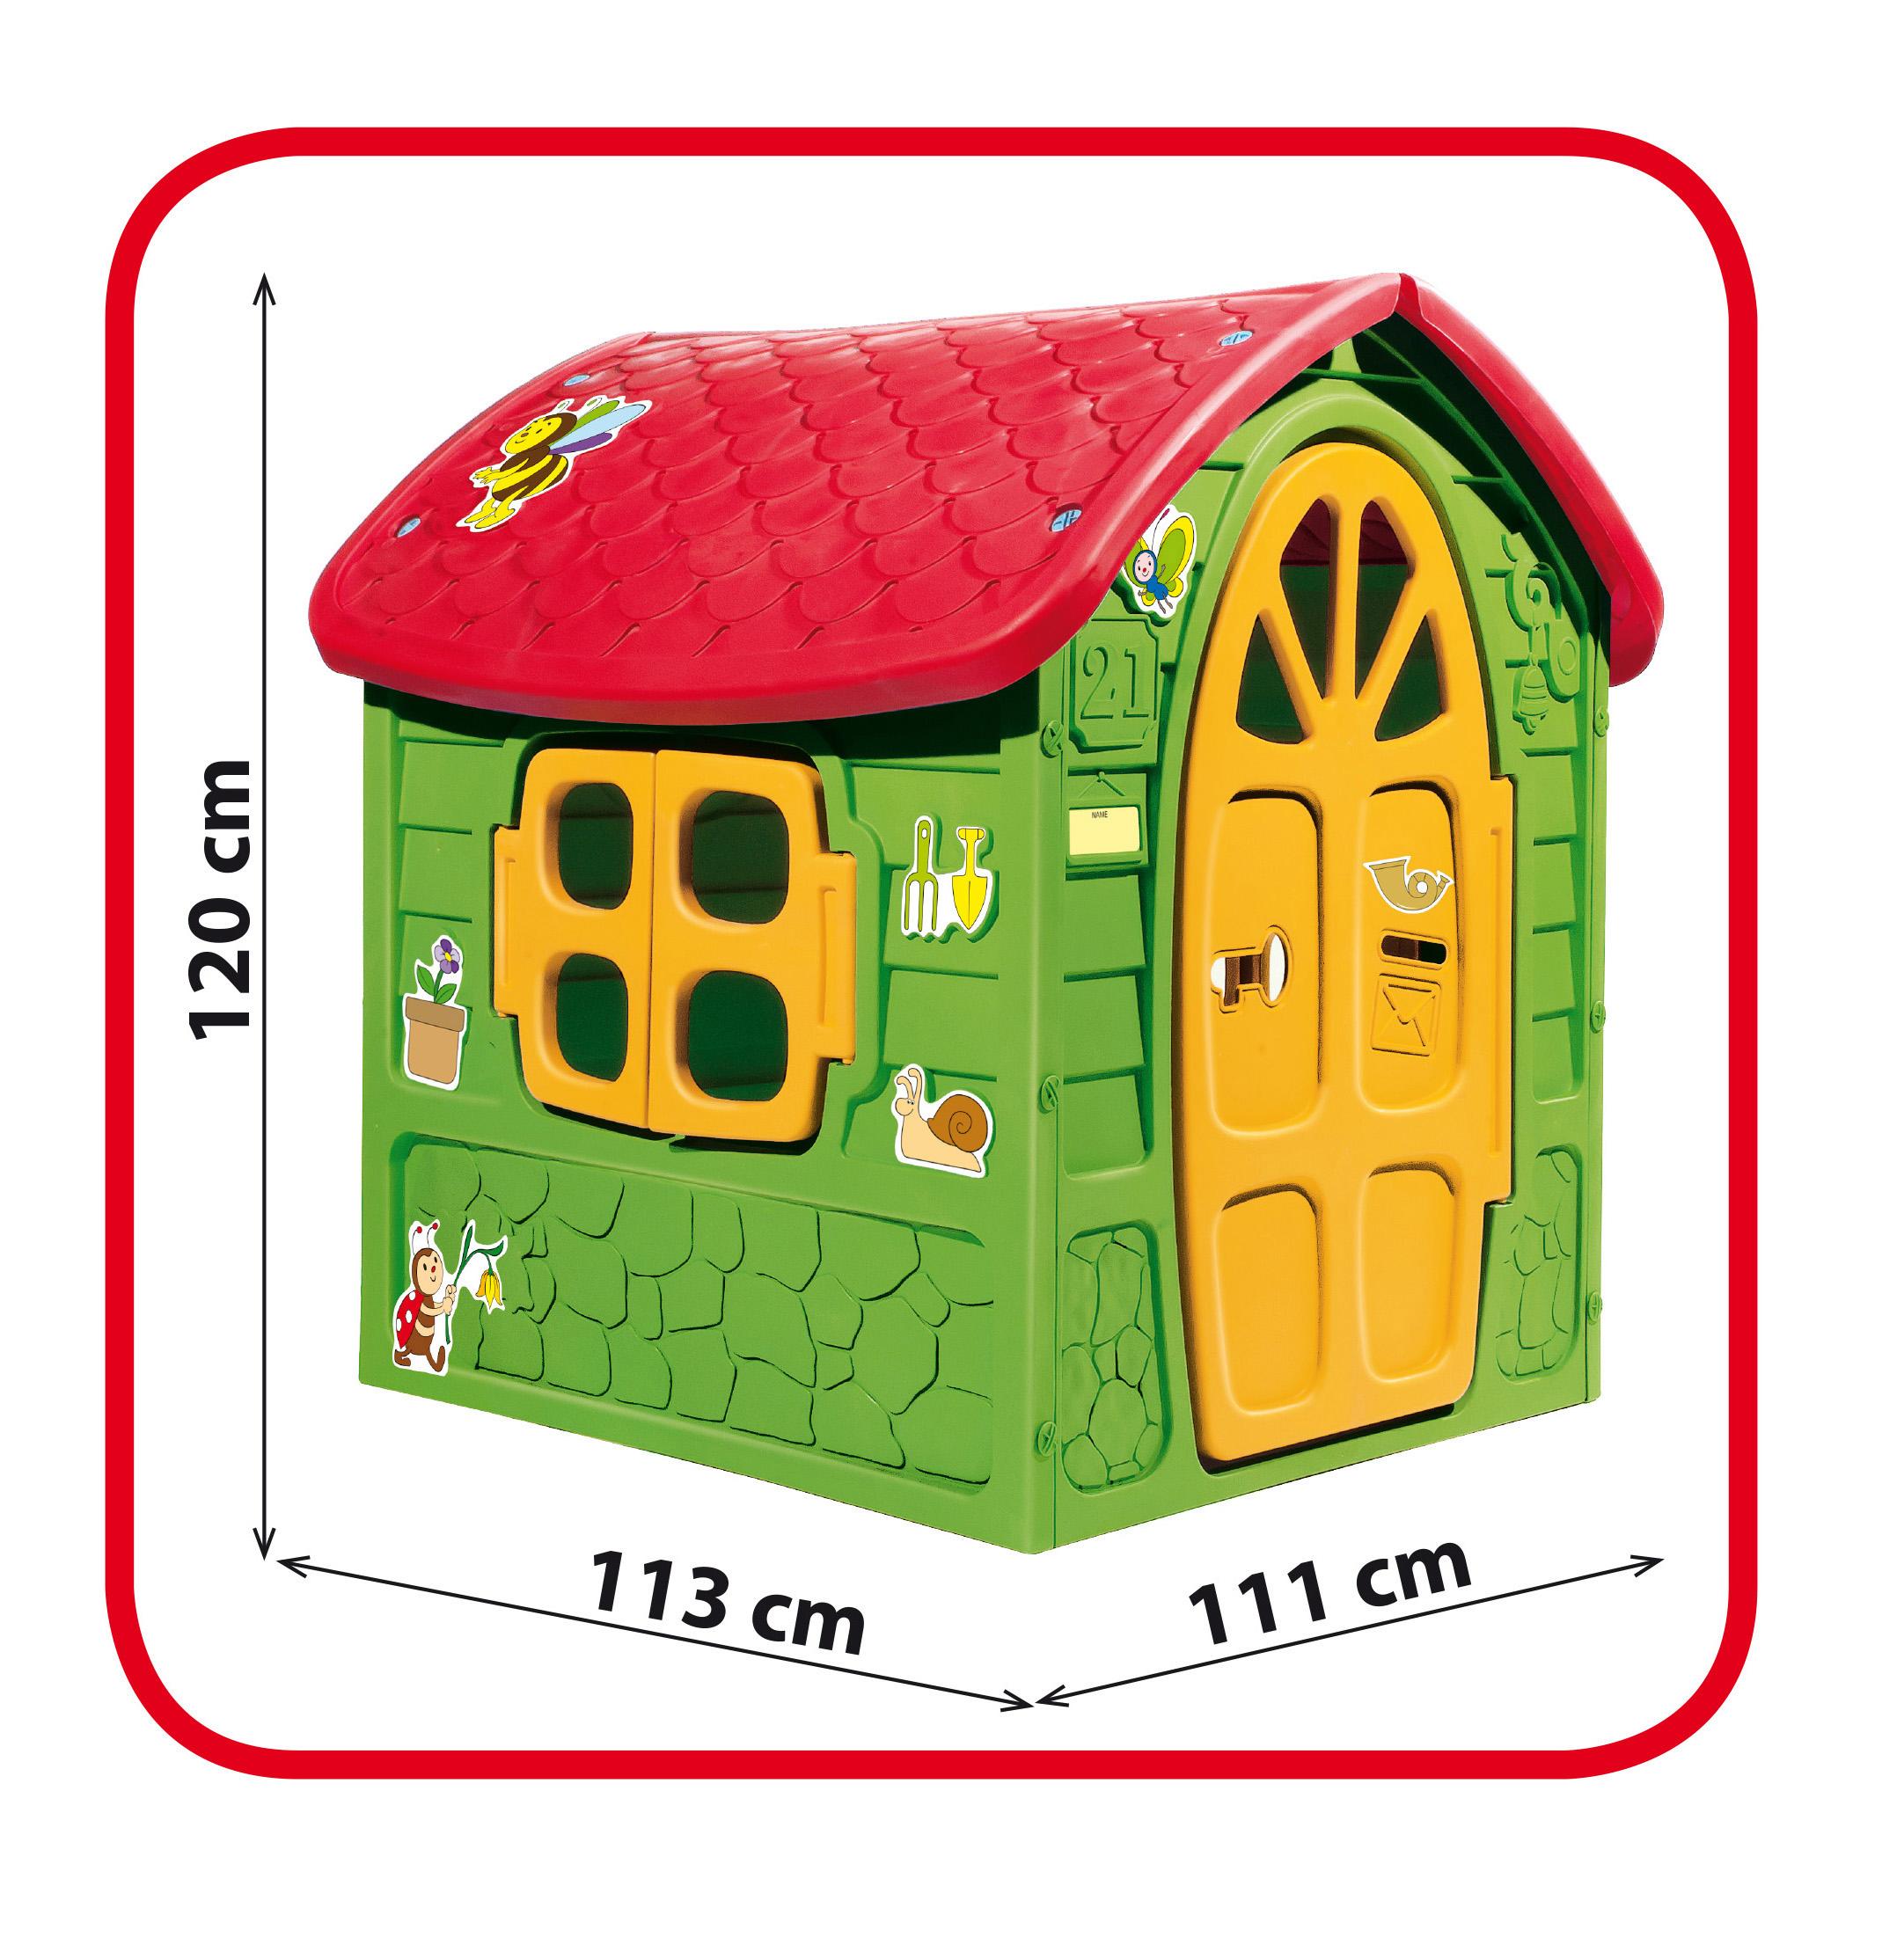 zöld műanyag méhecskés játékház méret